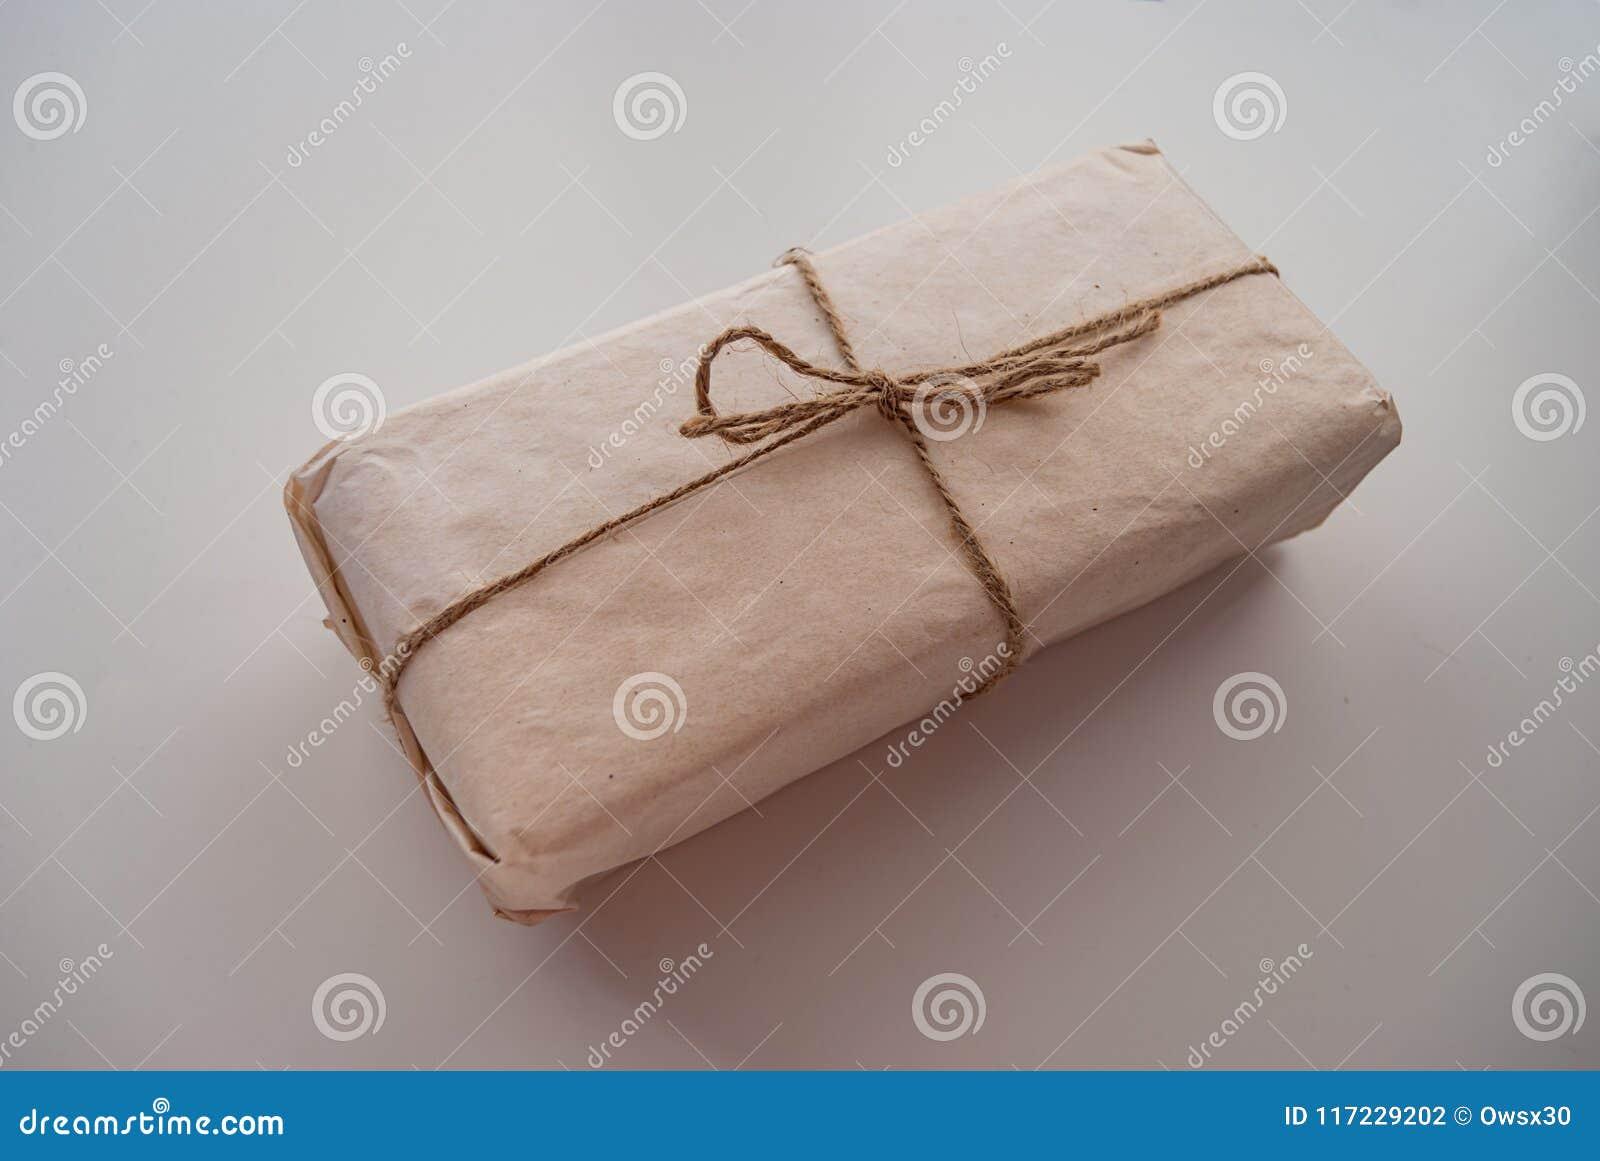 Verpakking gemaakt van met de hand gemaakt die Kraftpapier-document met streng wordt verpakt